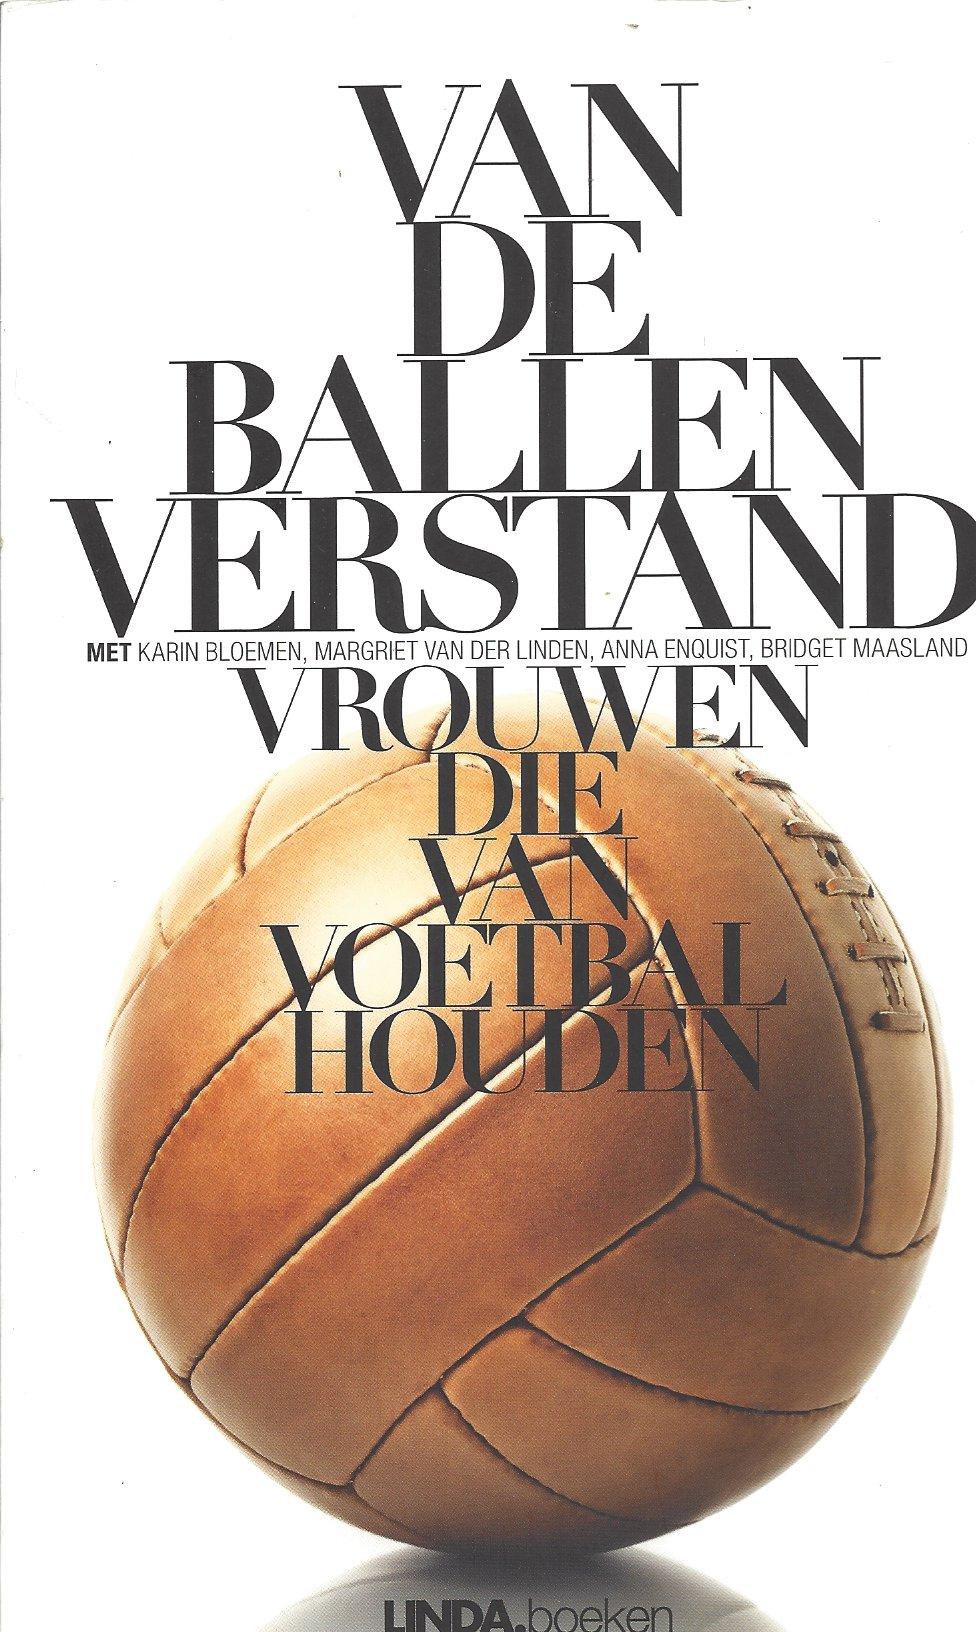 Scheulderman, Antoinnette - Van de ballen verstand -Vrouwen die van voetbal  houden